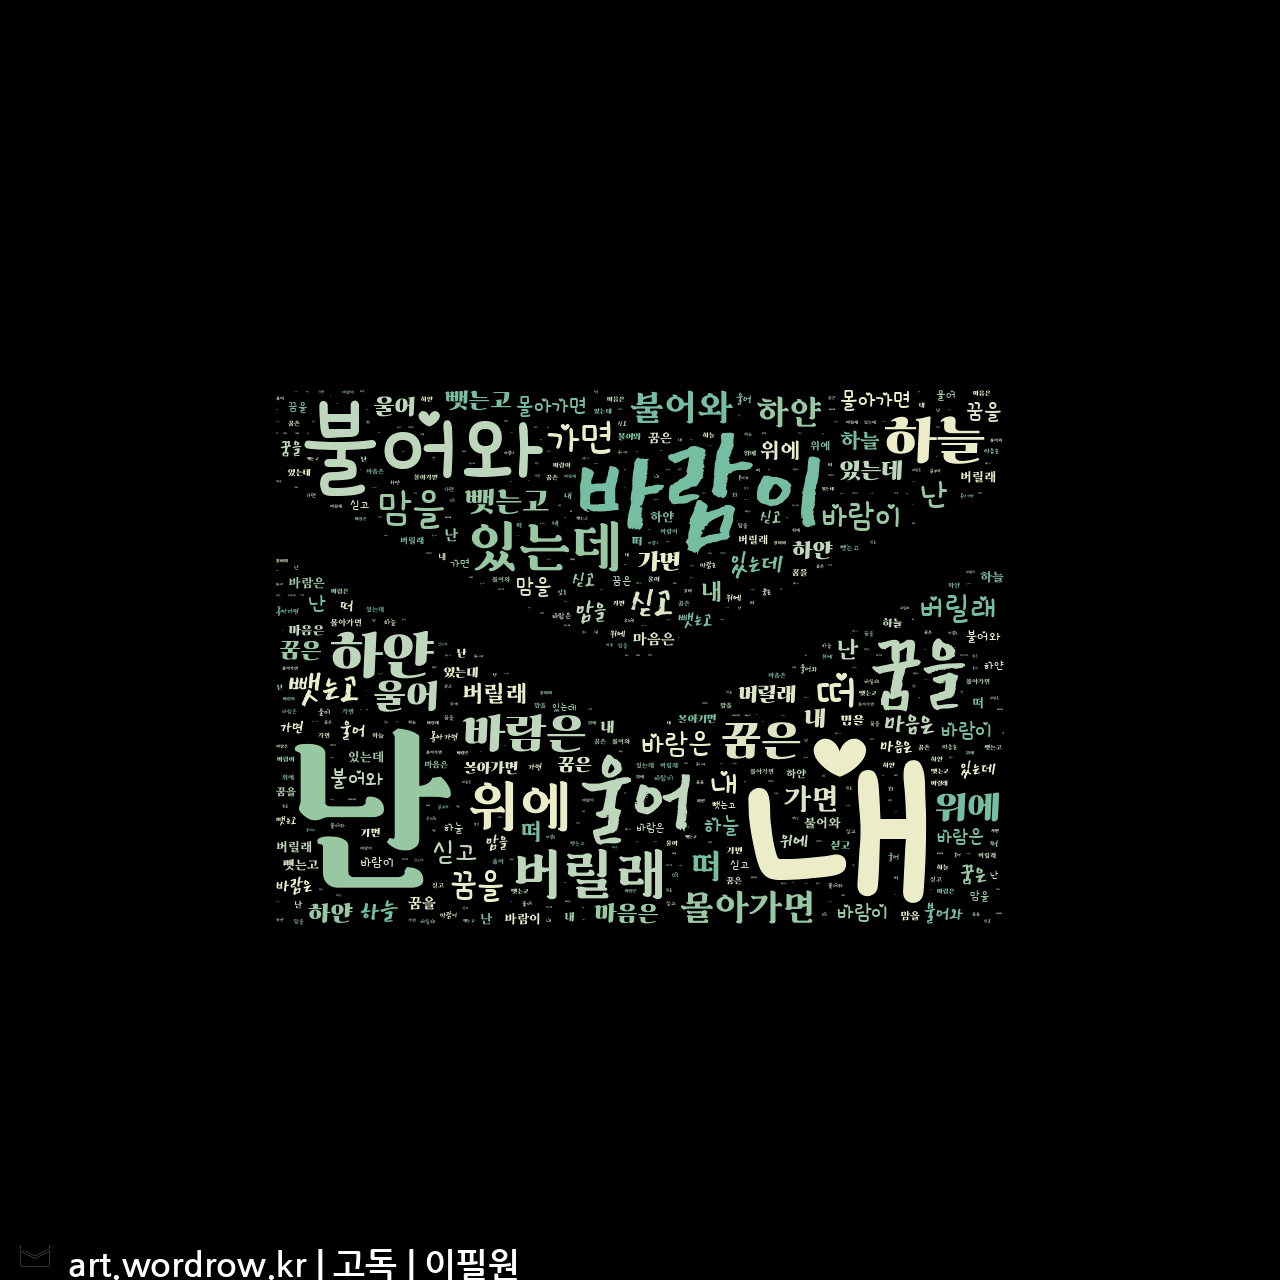 워드 아트: 고독 [이필원]-5